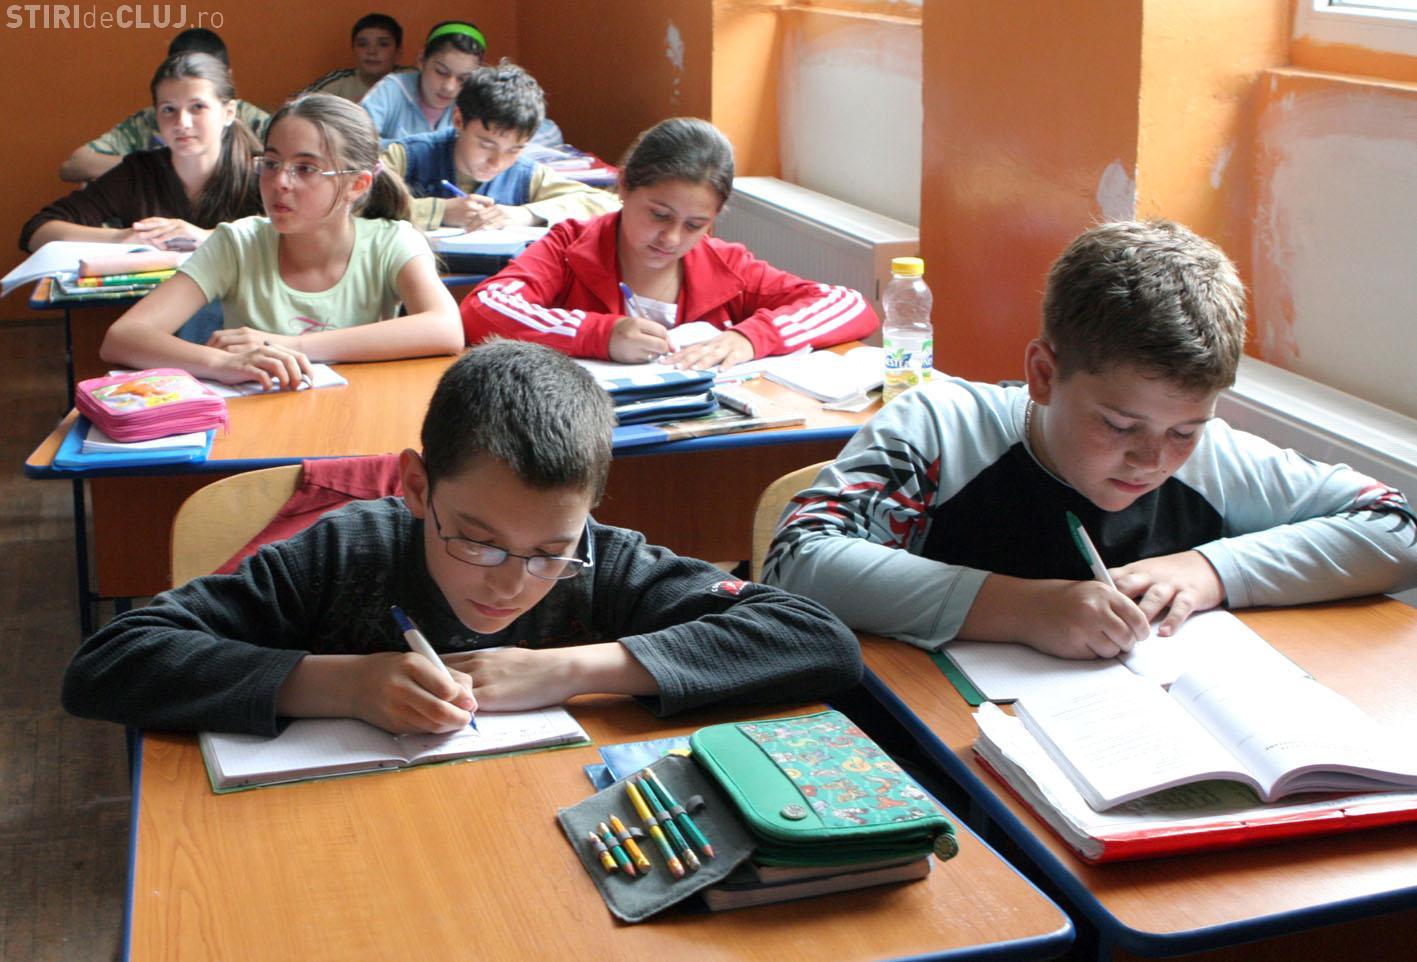 Lista Scoli judetul Cluj